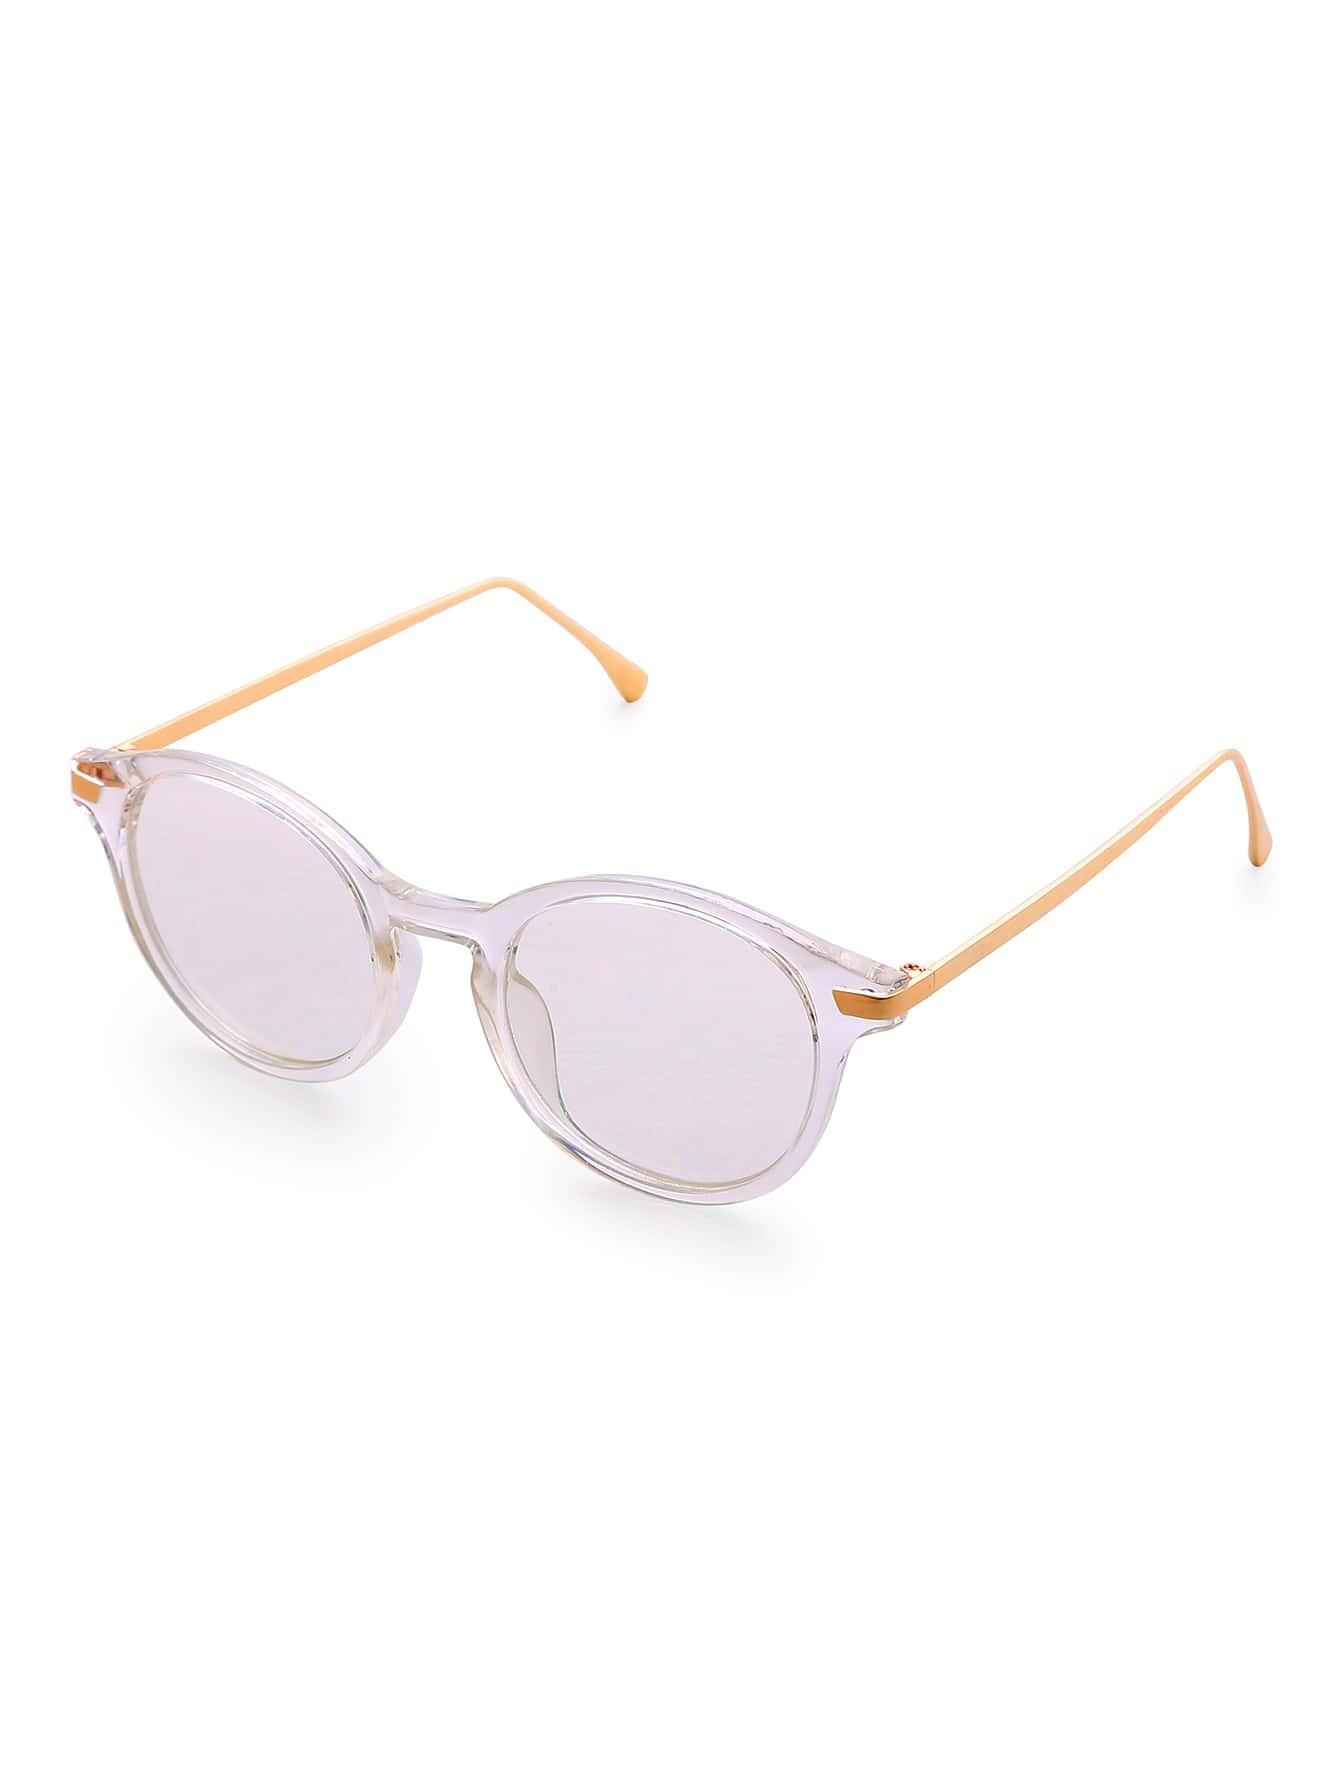 White Frame Clear Lens Glasses sunglass170314302